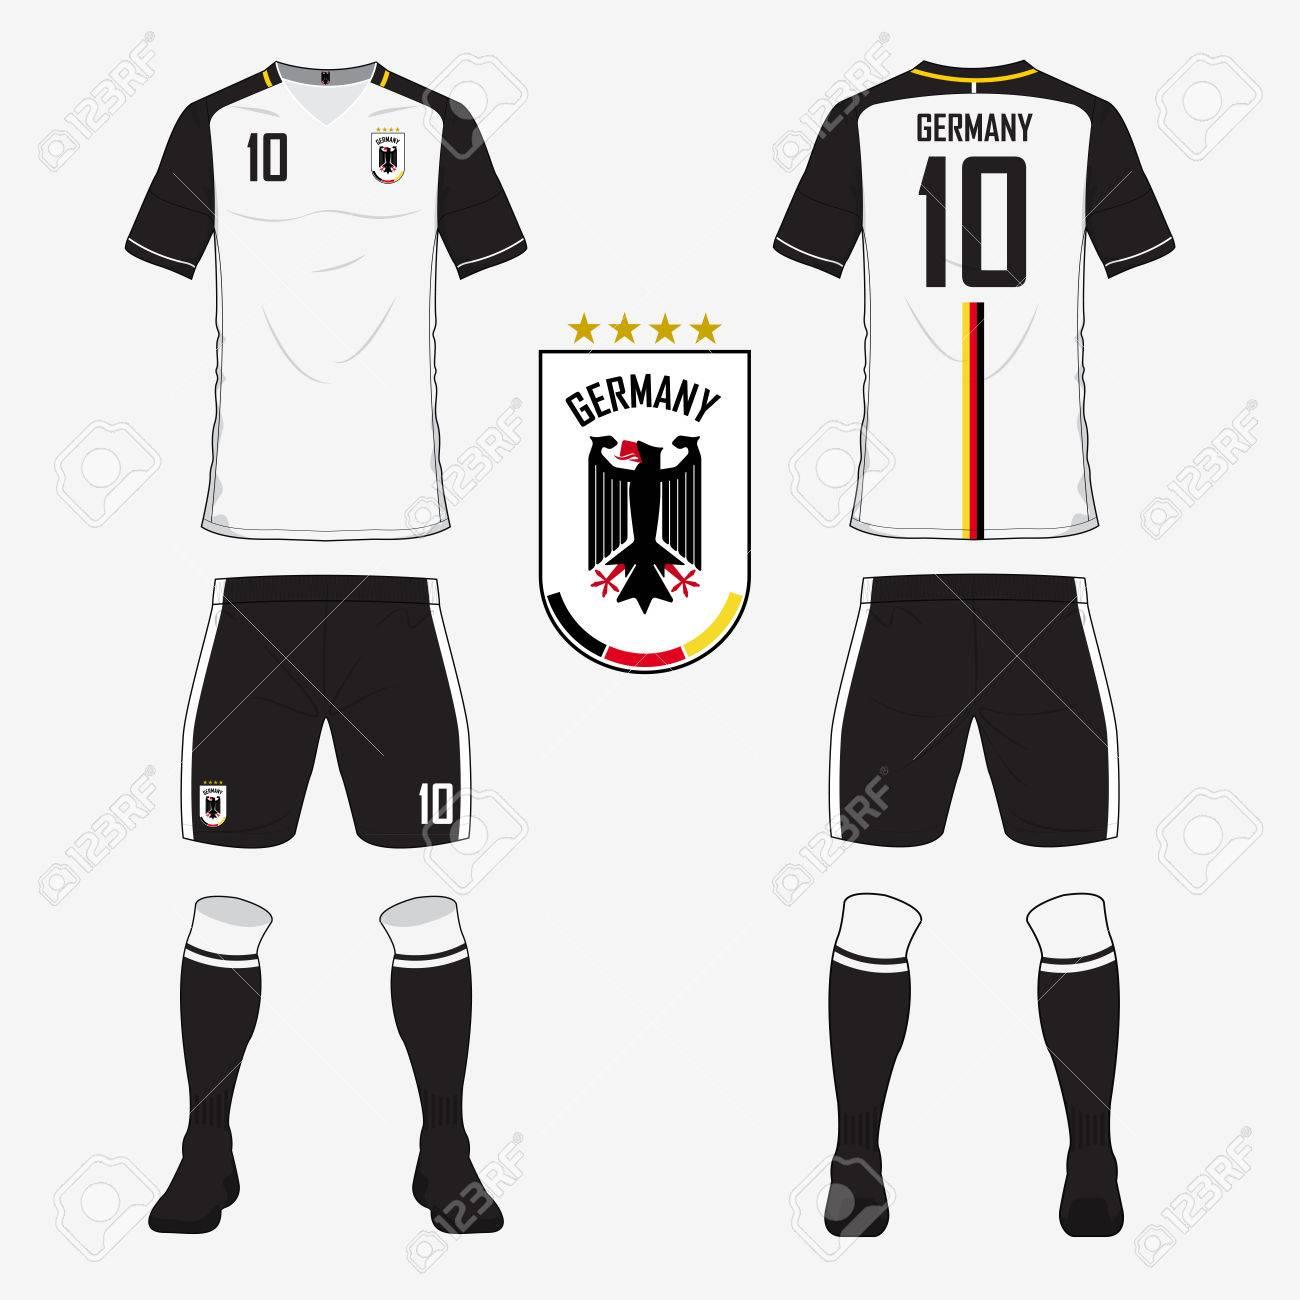 Conjunto De Camiseta De Fútbol O Una Plantilla Kit De Fútbol De Alemania  Equipo Nacional De Fútbol. Parte Delantera Y Trasera Vista Uniforme De  Fútbol. 811f97afdc4d2